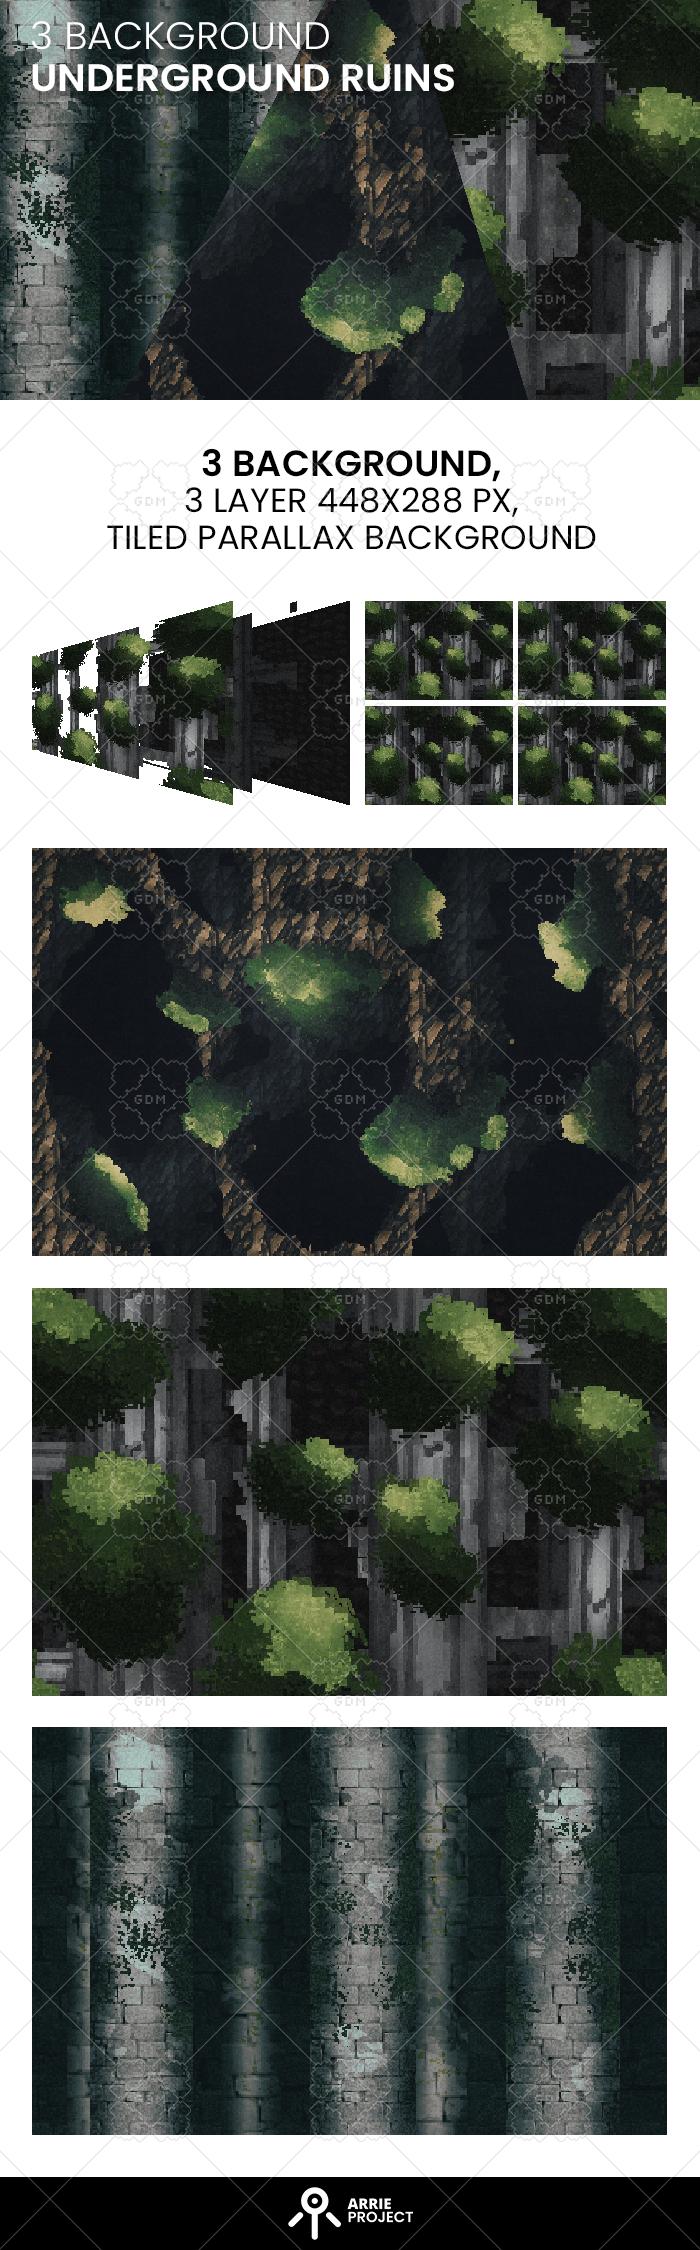 3 Underground Ruins Background